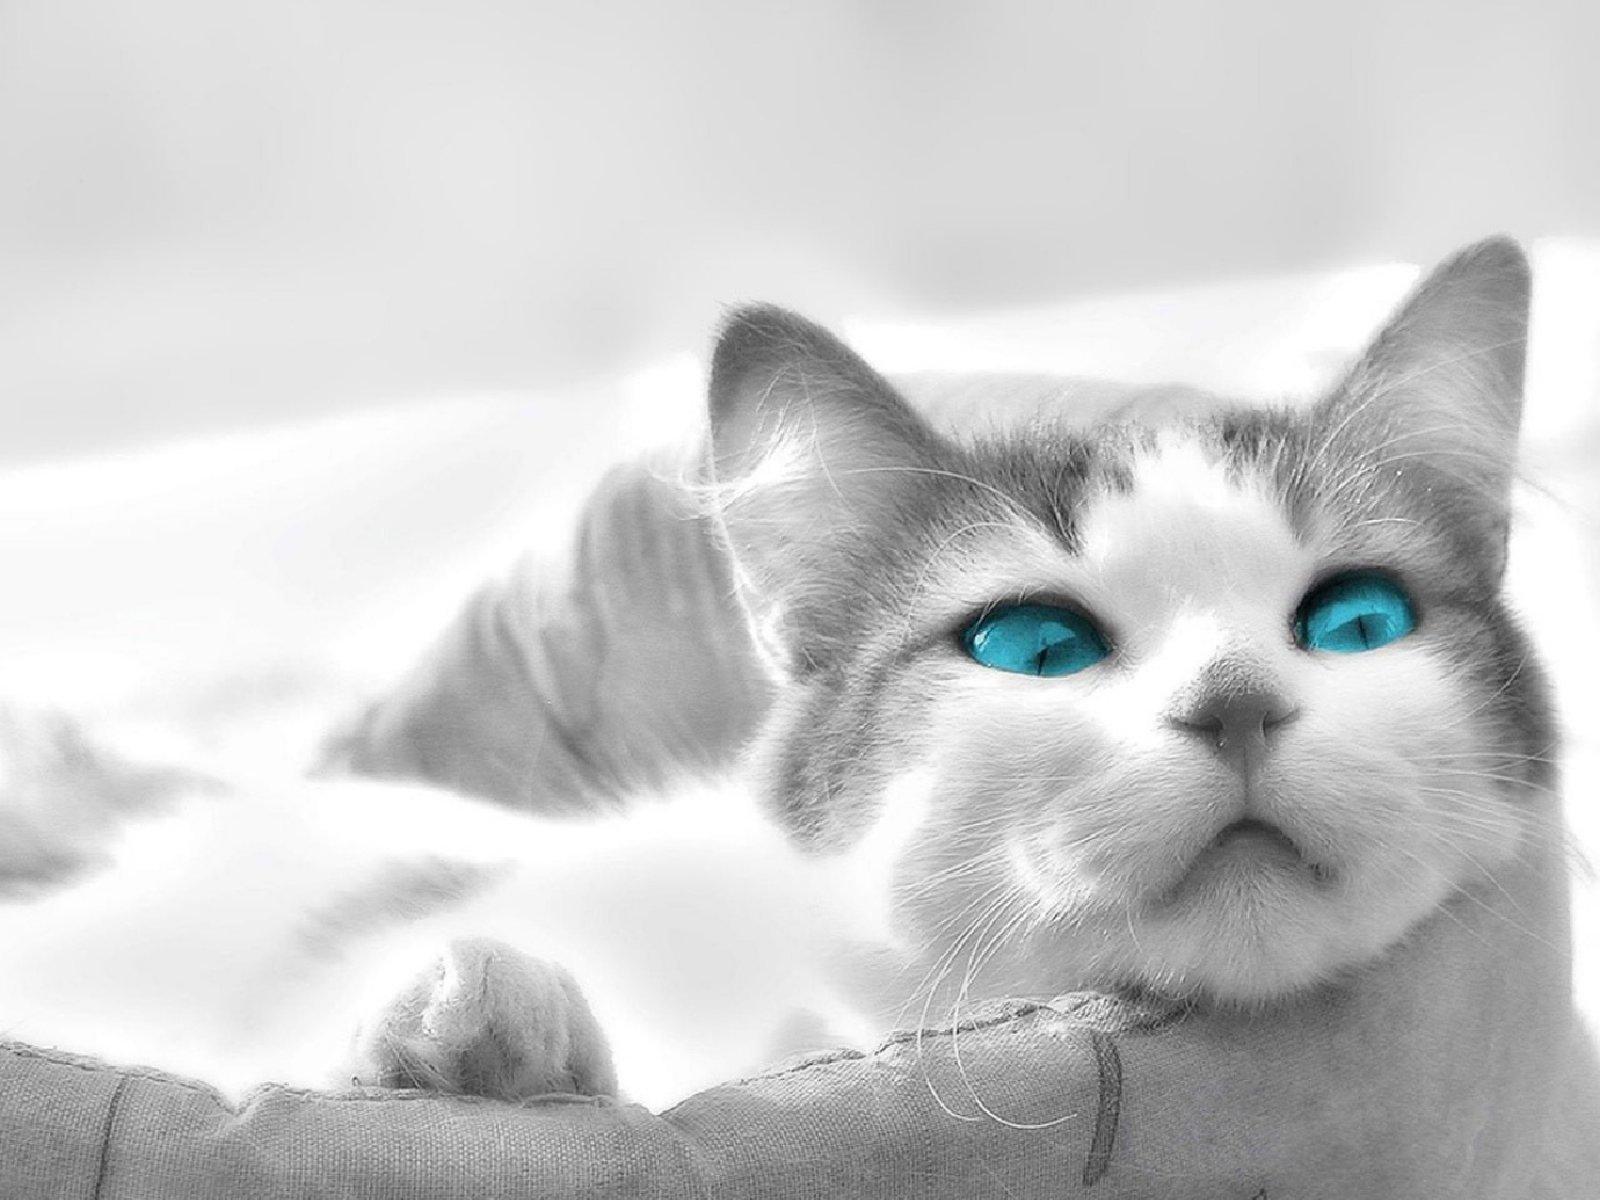 обои на рабочий стол белая кошка с голубыми глазами № 186071 бесплатно